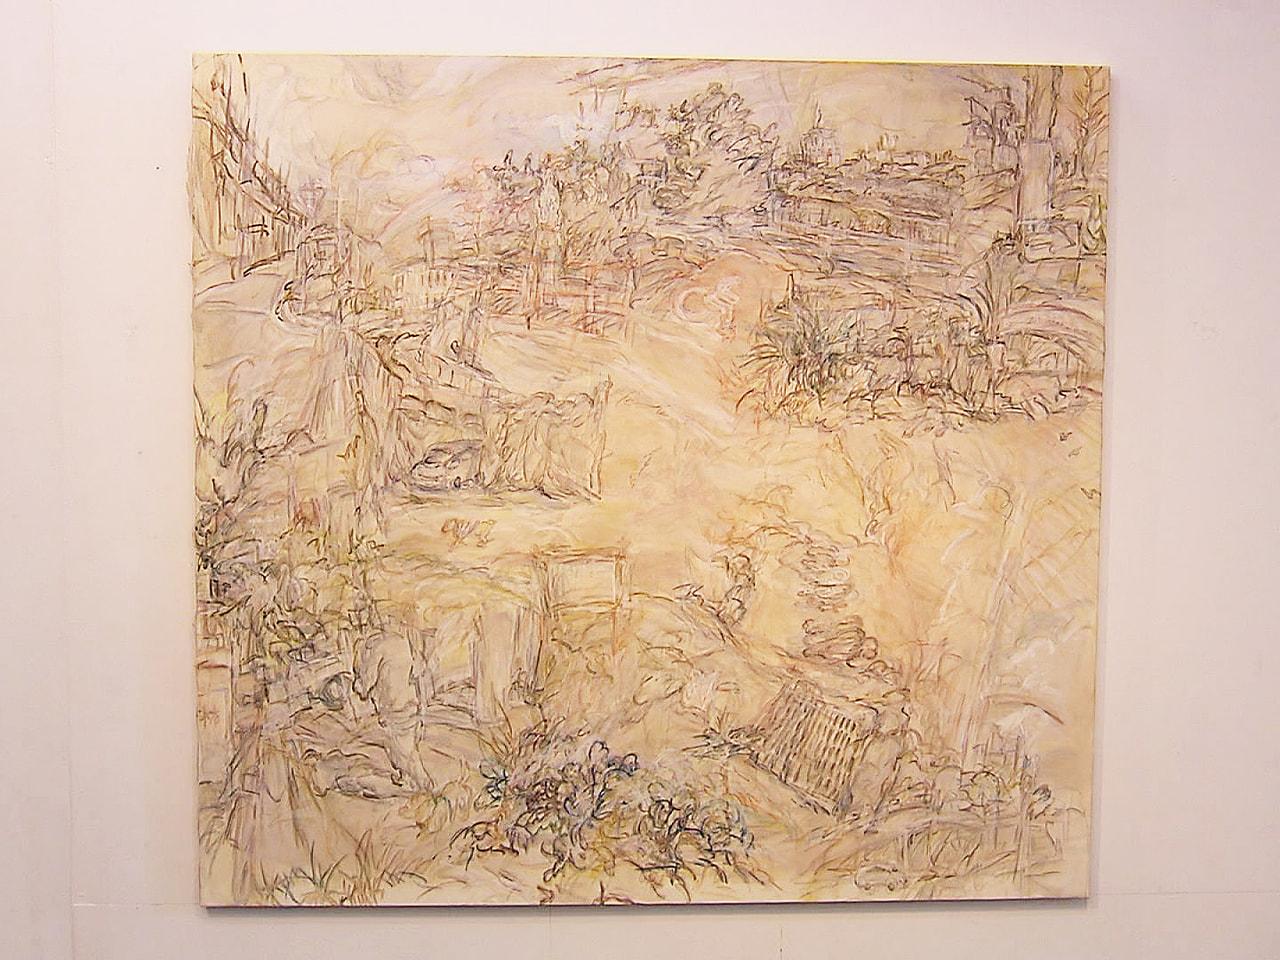 岐阜県揖斐郡池田町の極小美術館で、風景画と木彫りの作品を集めた展覧会が開かれてい...